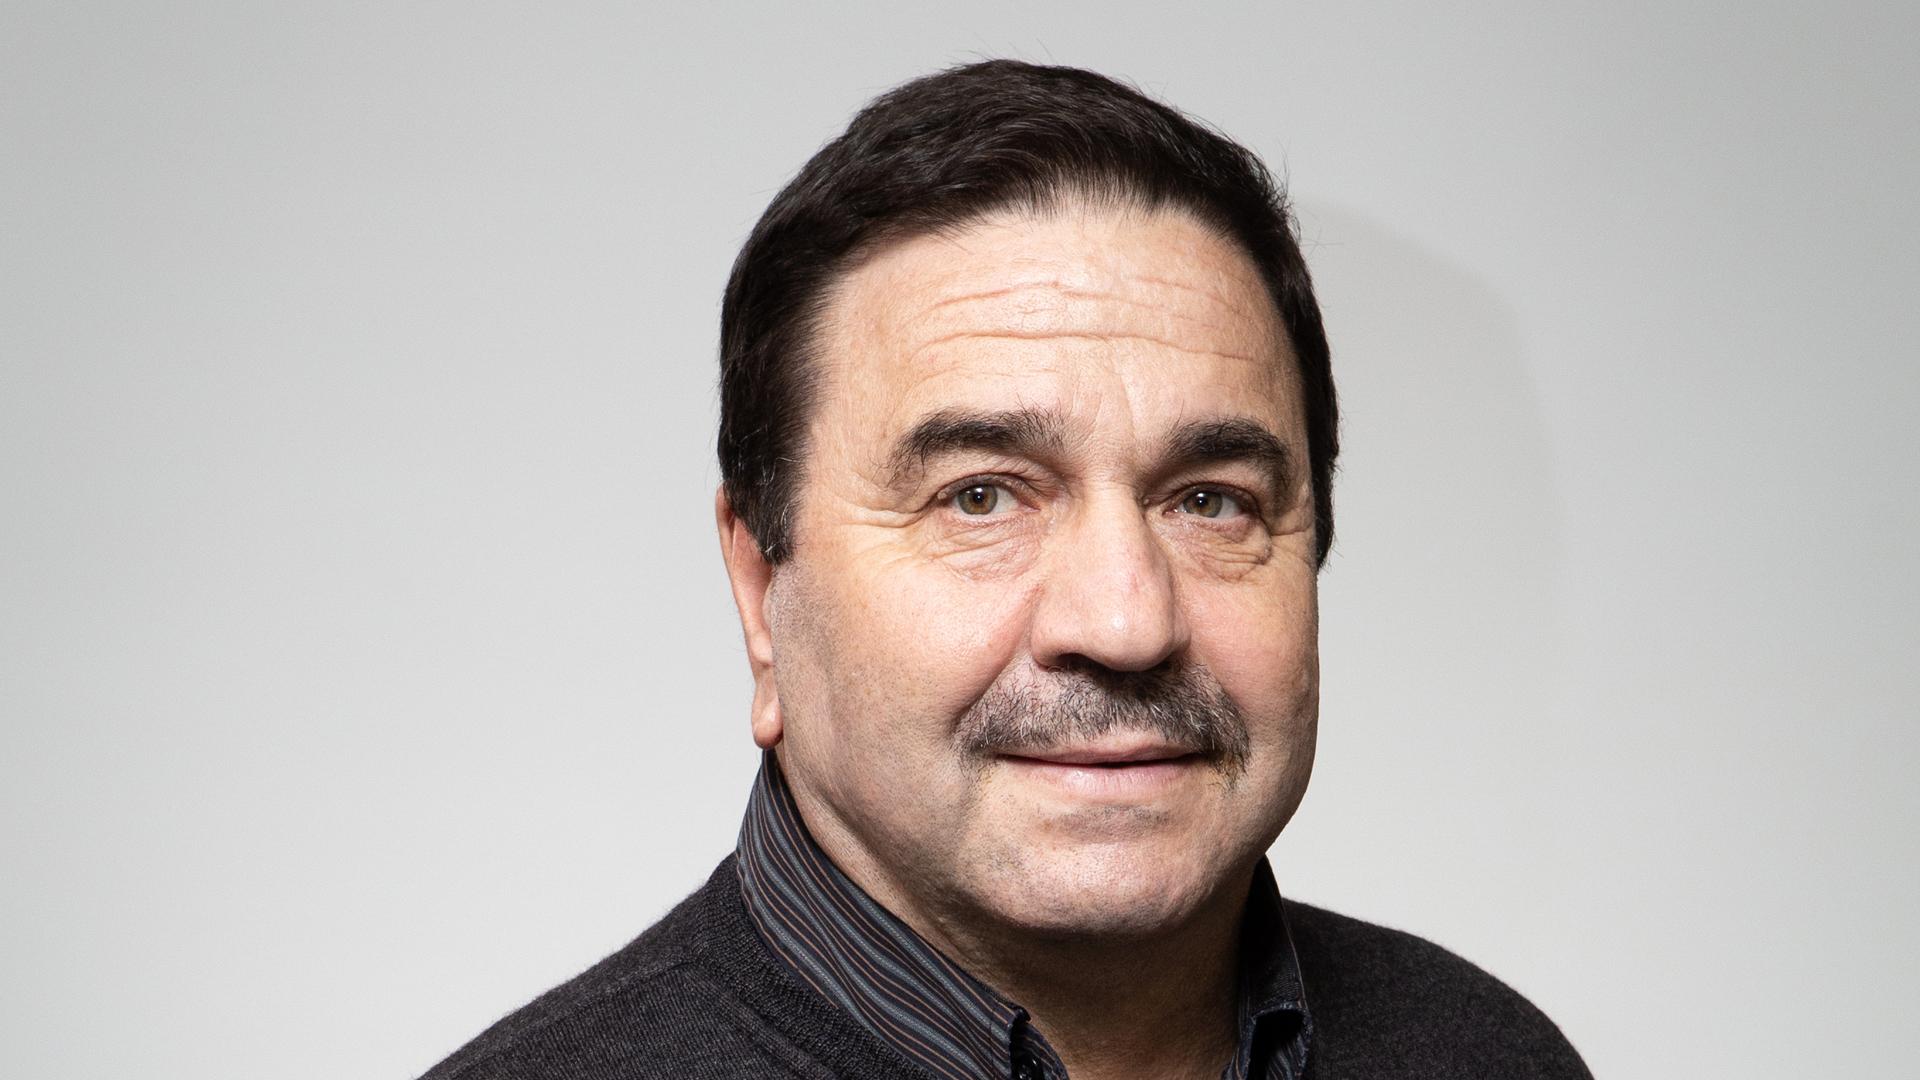 Pipicelli Giuseppe